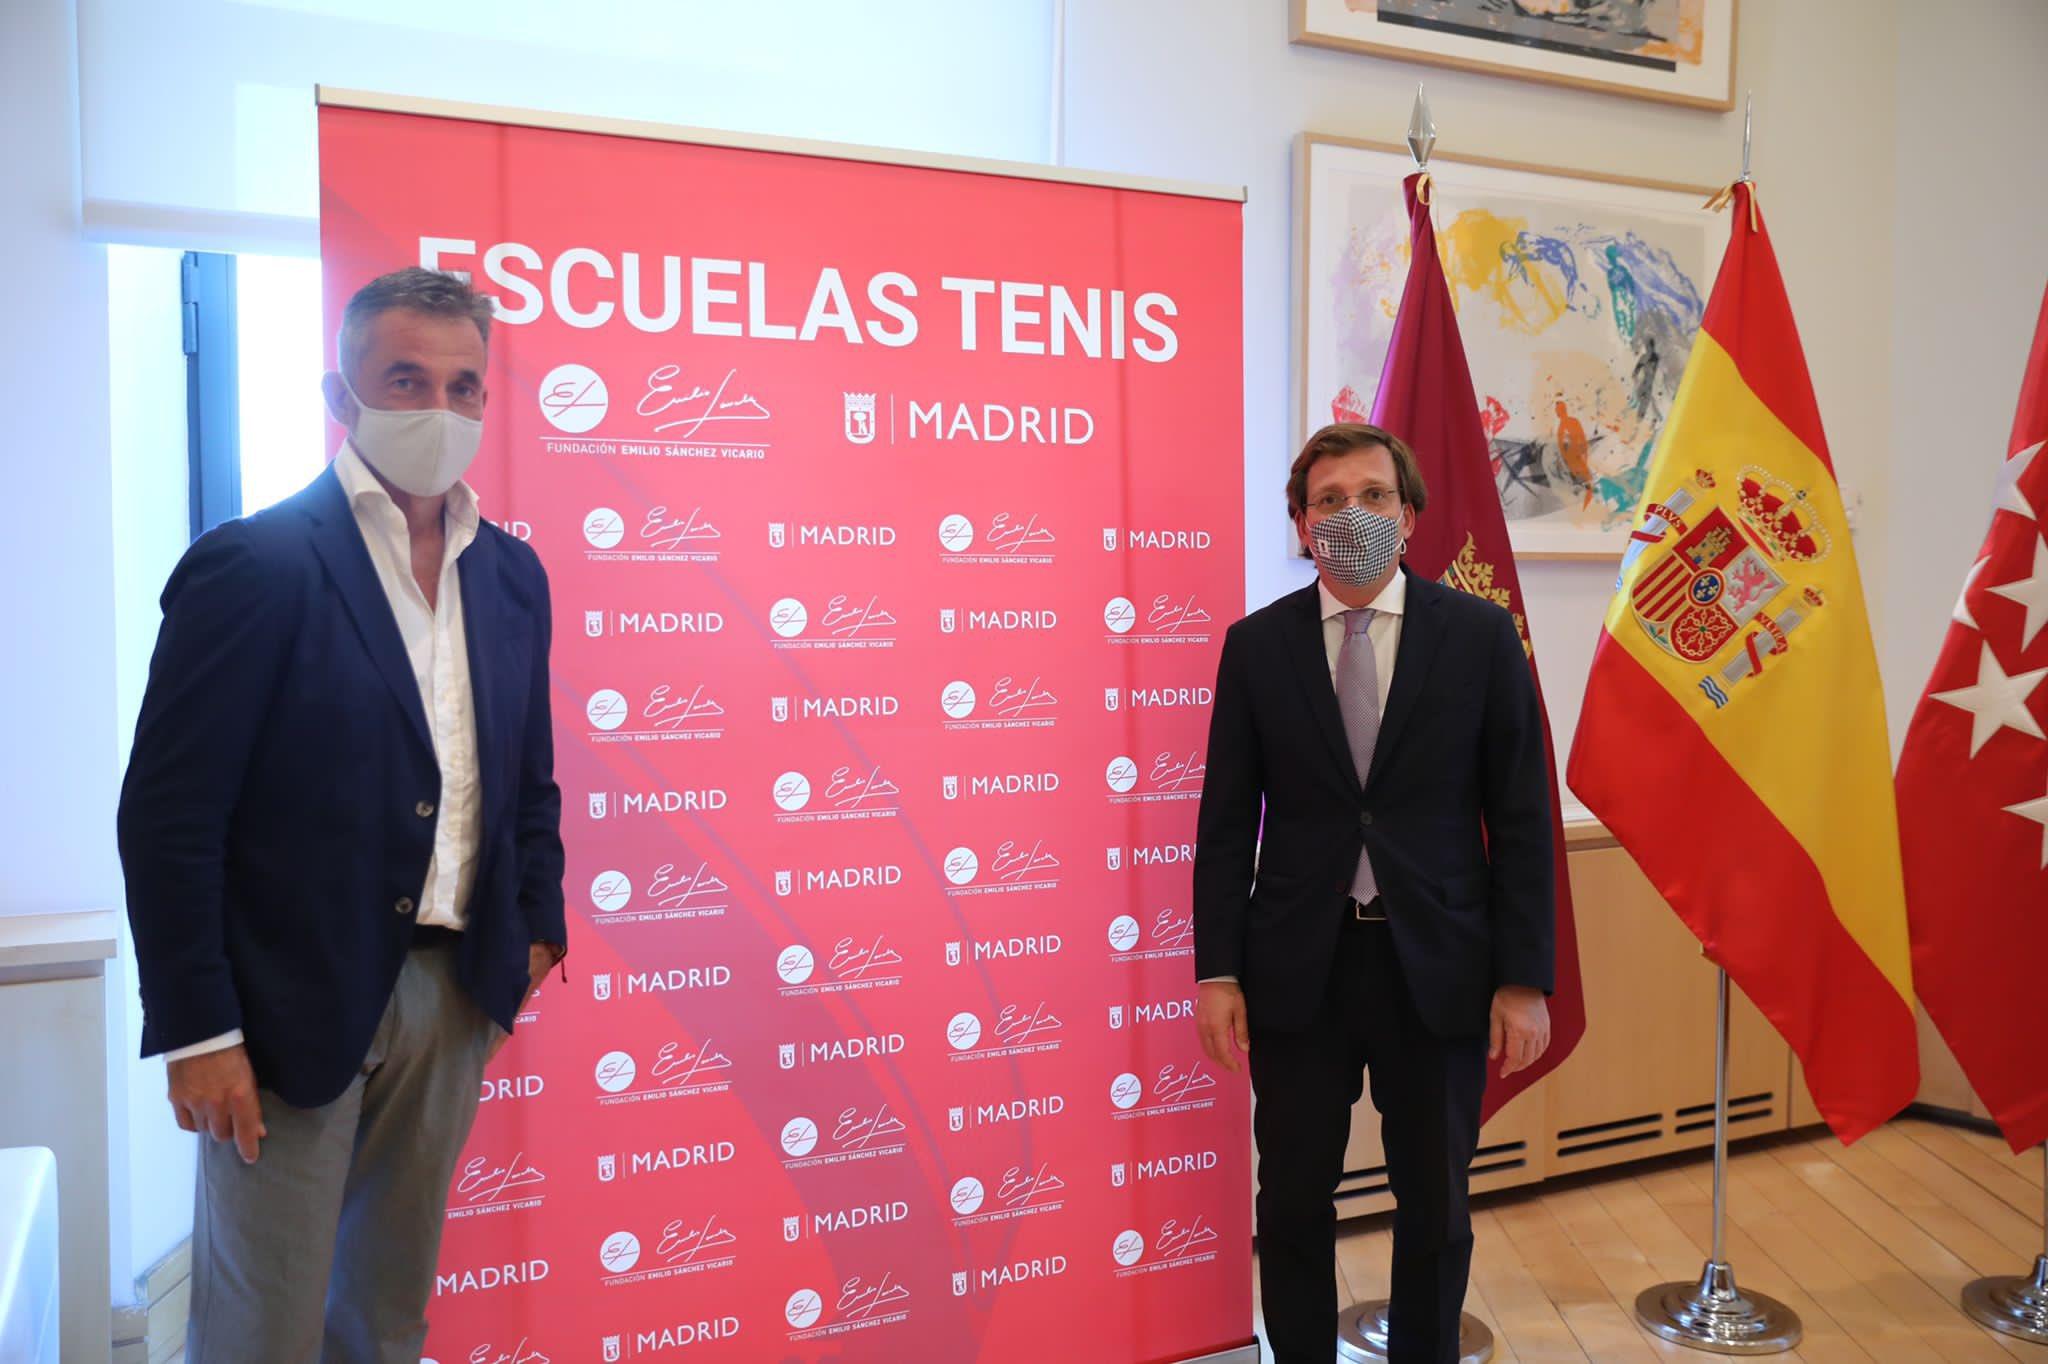 Image for Emilio Sánchez Vicario se reúne con el Alcalde de Madrid, Jose Luis Martínez-Almeida.